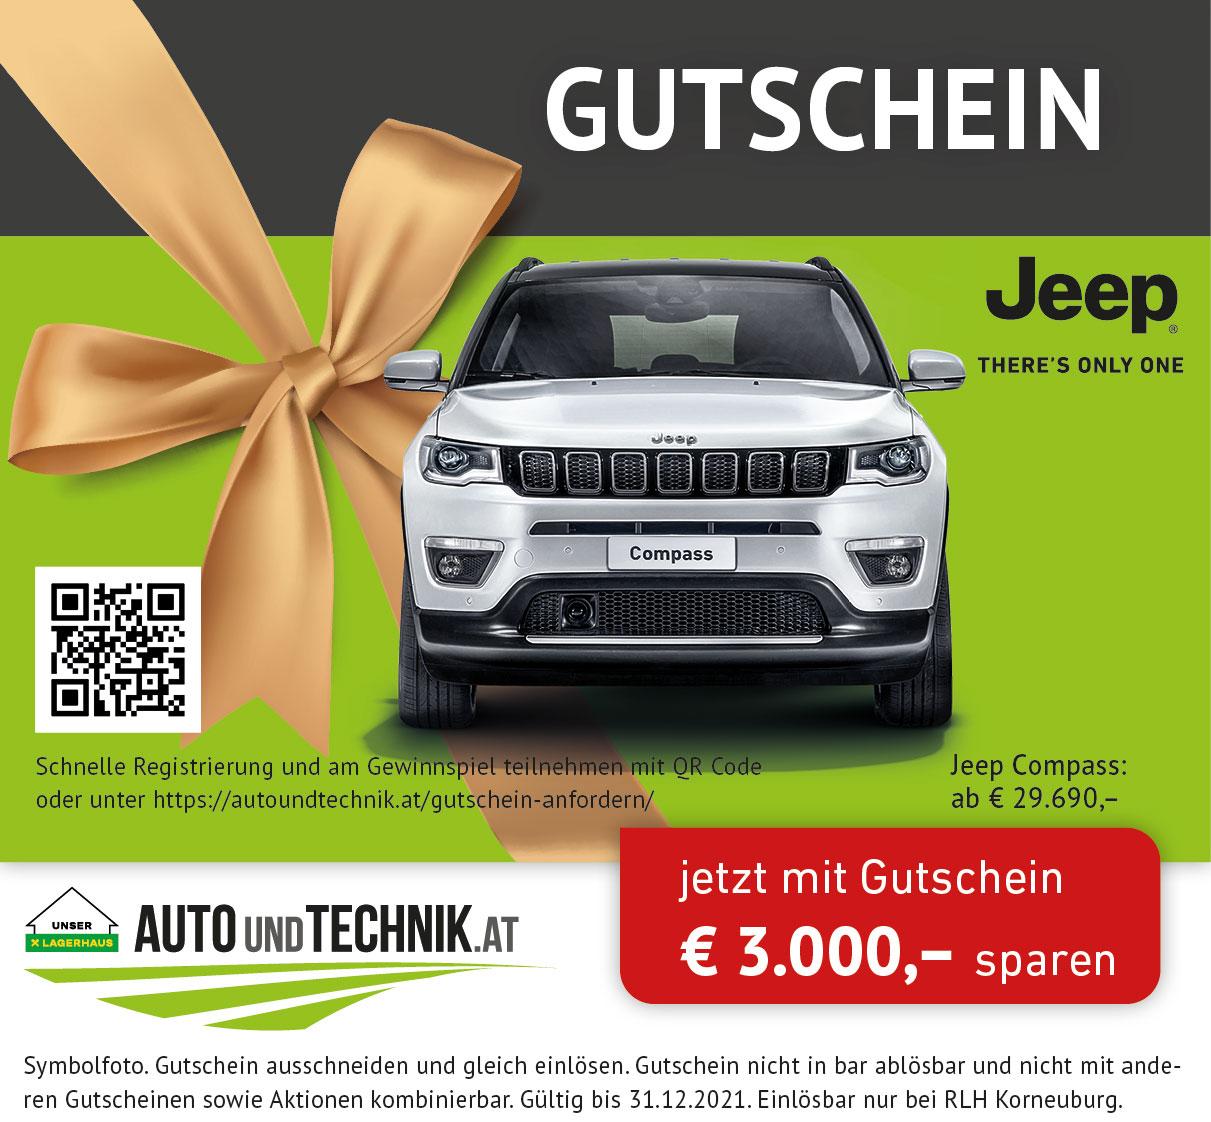 Gutschein-Jeep-Compass-image-01